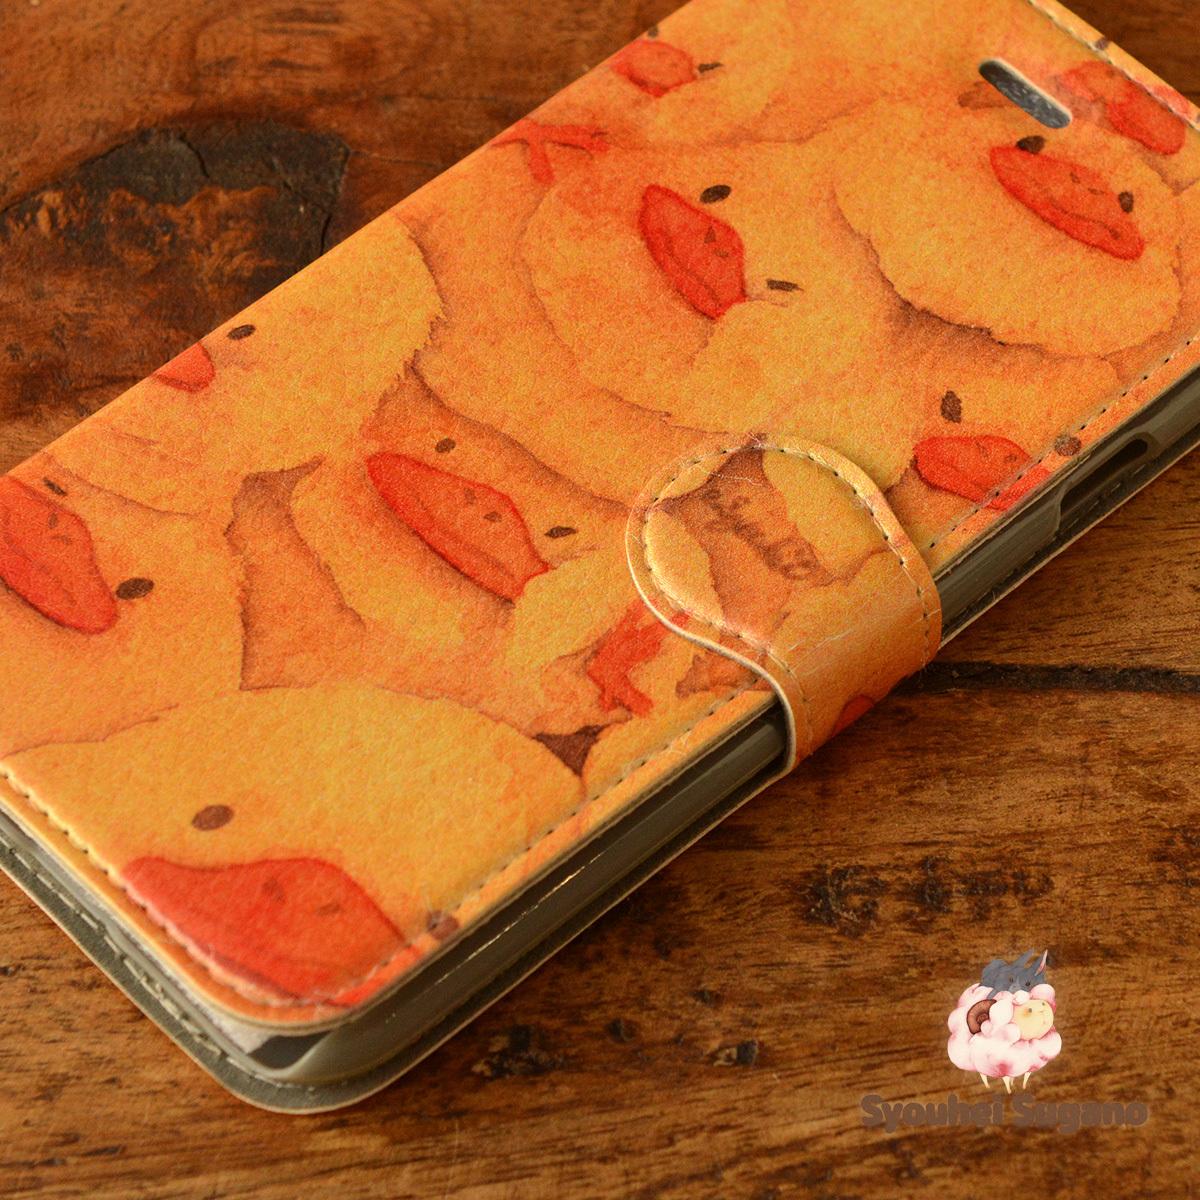 【訳あり】アイフォン6s ケース 手帳型 かわいい iphone6s ケース 手帳 大人かわいい iphone6s ケース 手帳 シンプル かわいい おしくらひよこ/Syouhei Sugano【ss-iph6t-08057-B3】